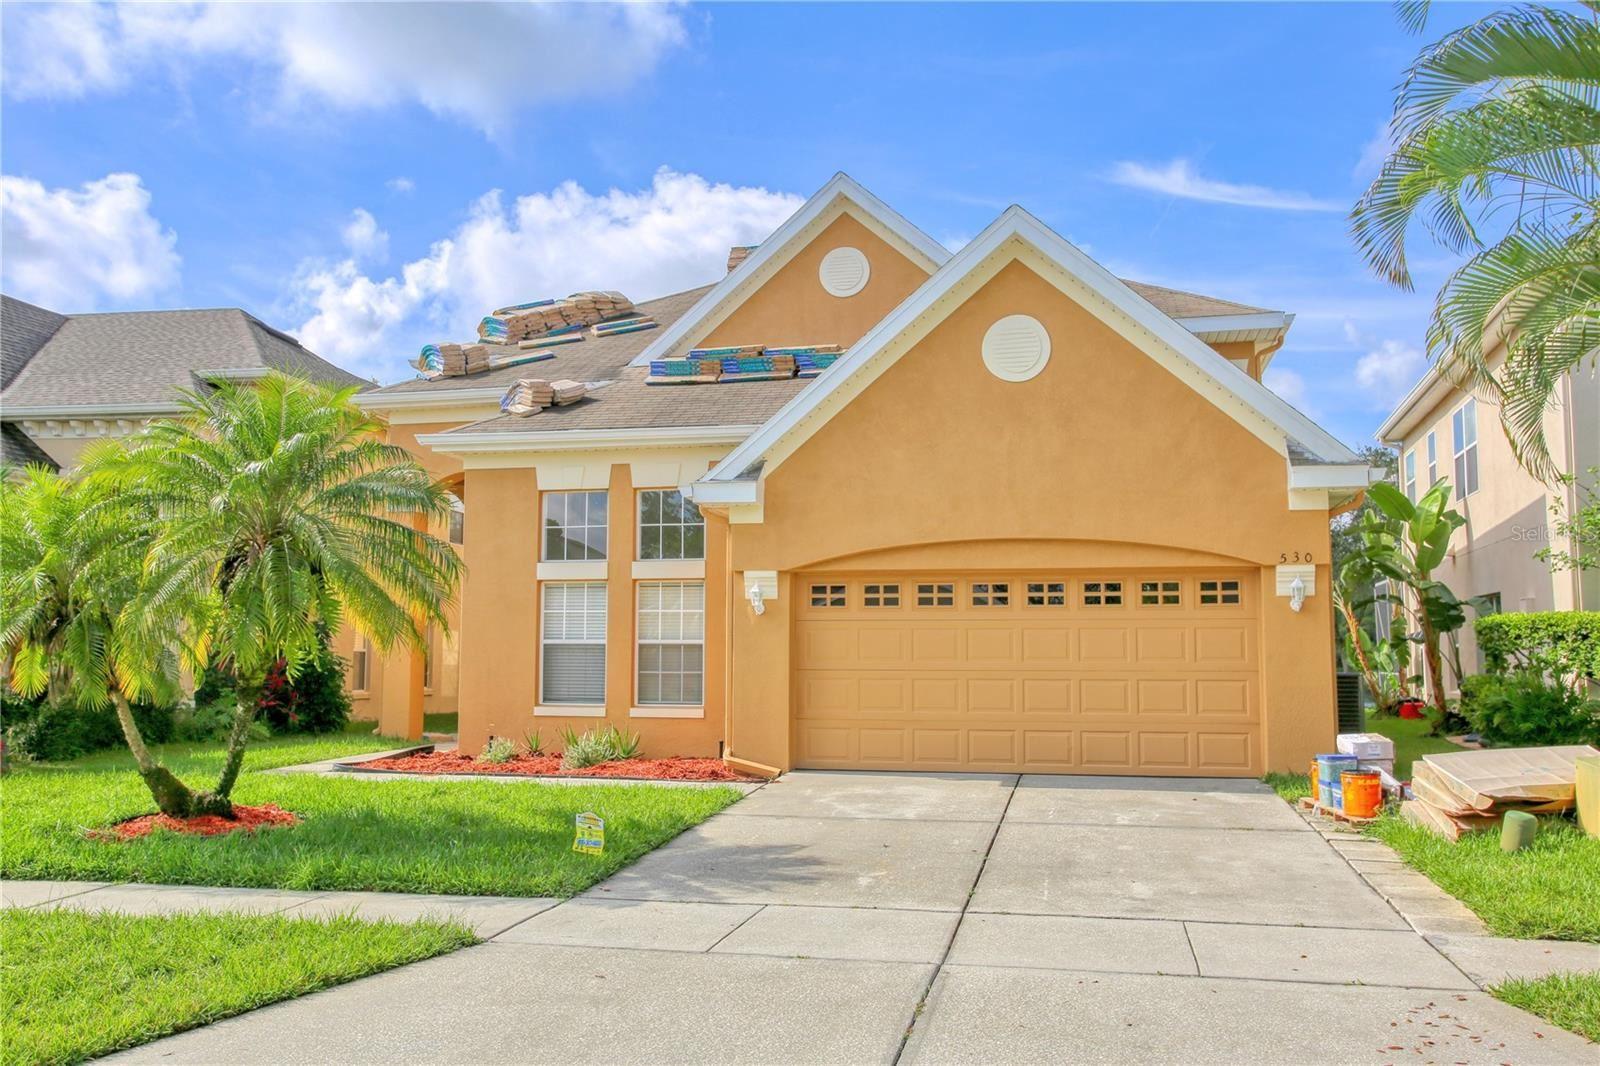 530 FERN LAKE DRIVE, Orlando, FL 32825 - #: O5973481